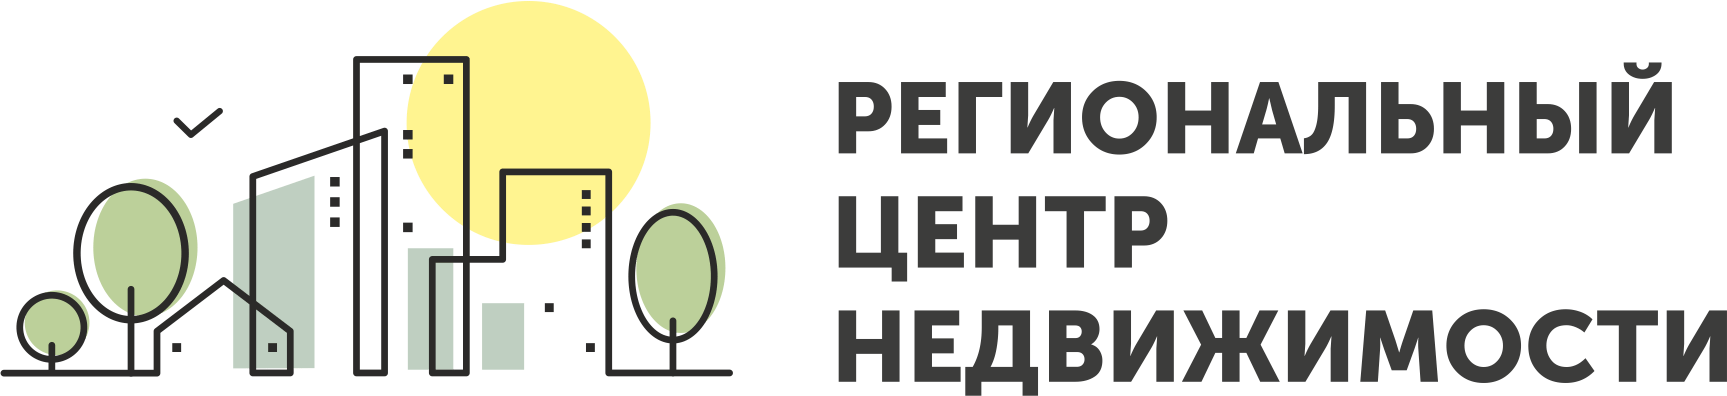 Региональный Центр Недвижимости г. Иркутск